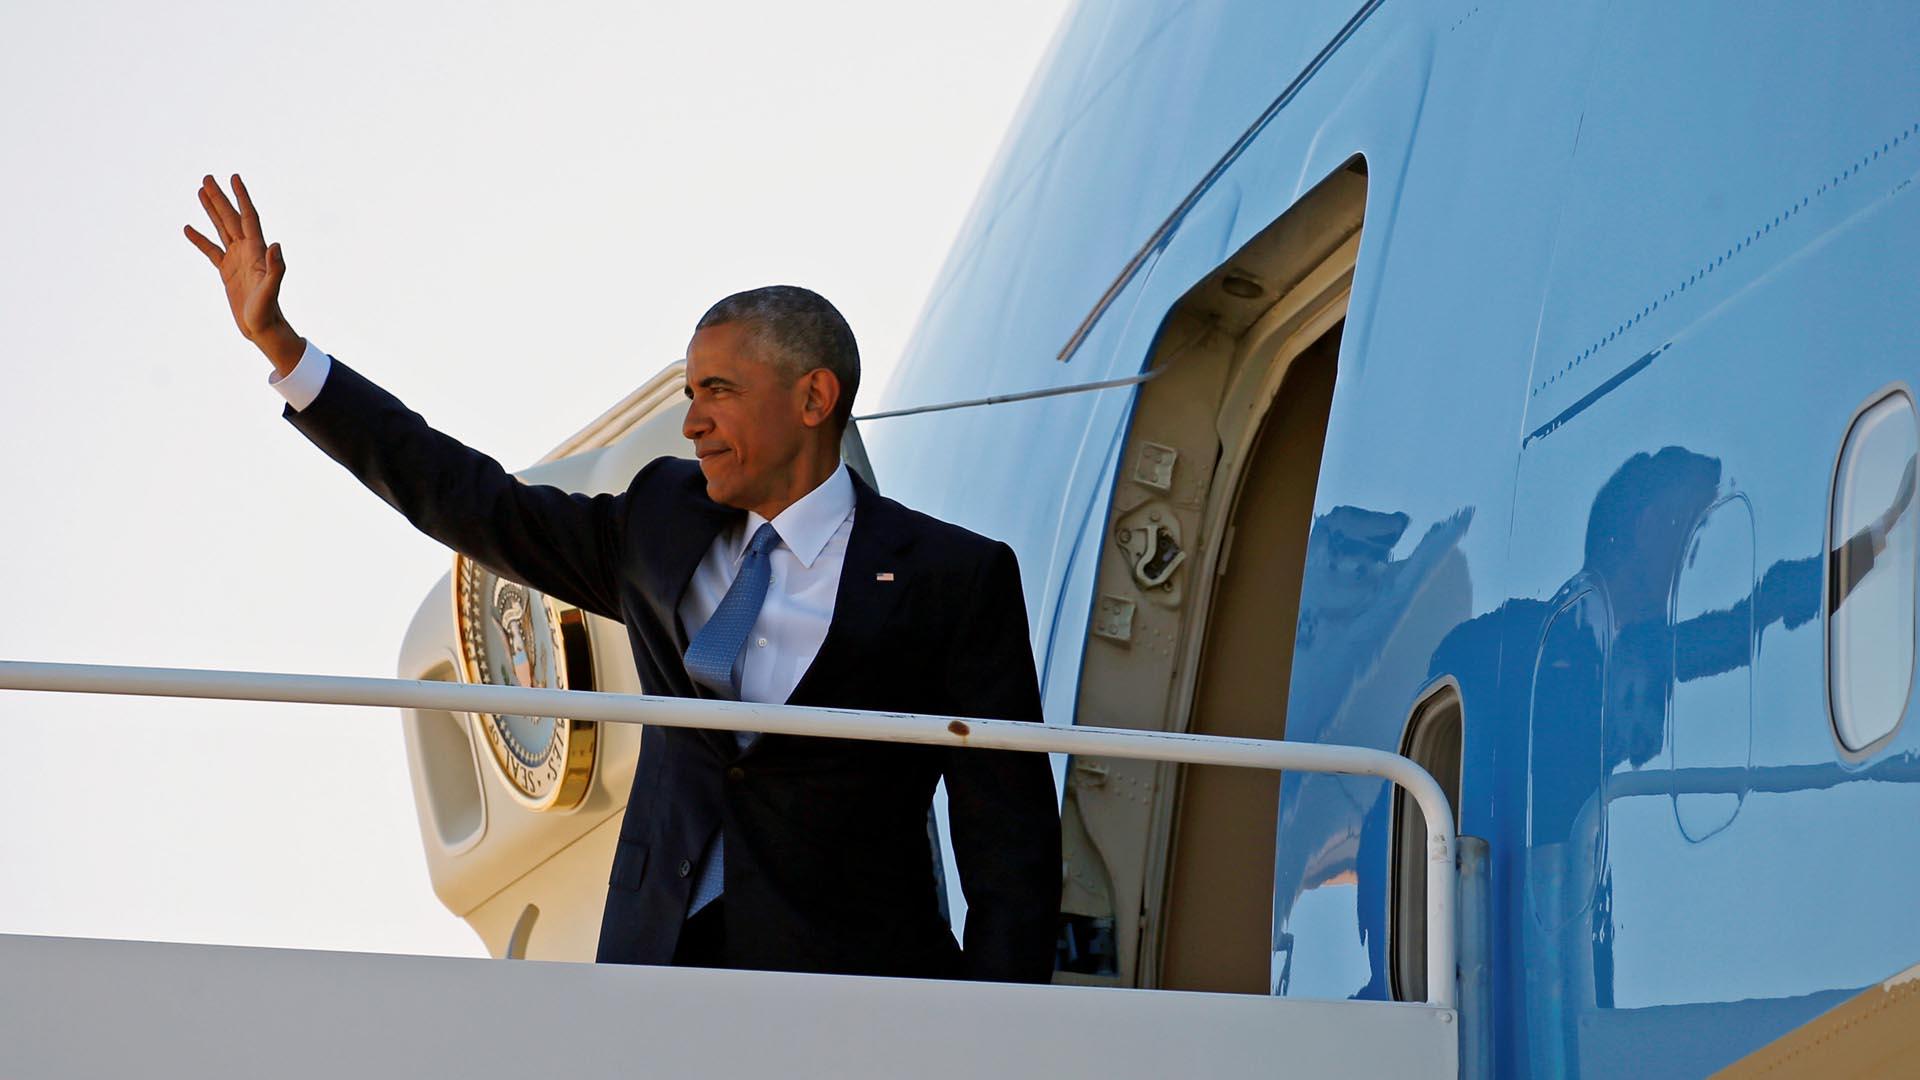 El presidente de los Estados Unidos ha subrayado la importancia de que un demócrata continúe sus políticas desde la Casa Blanca